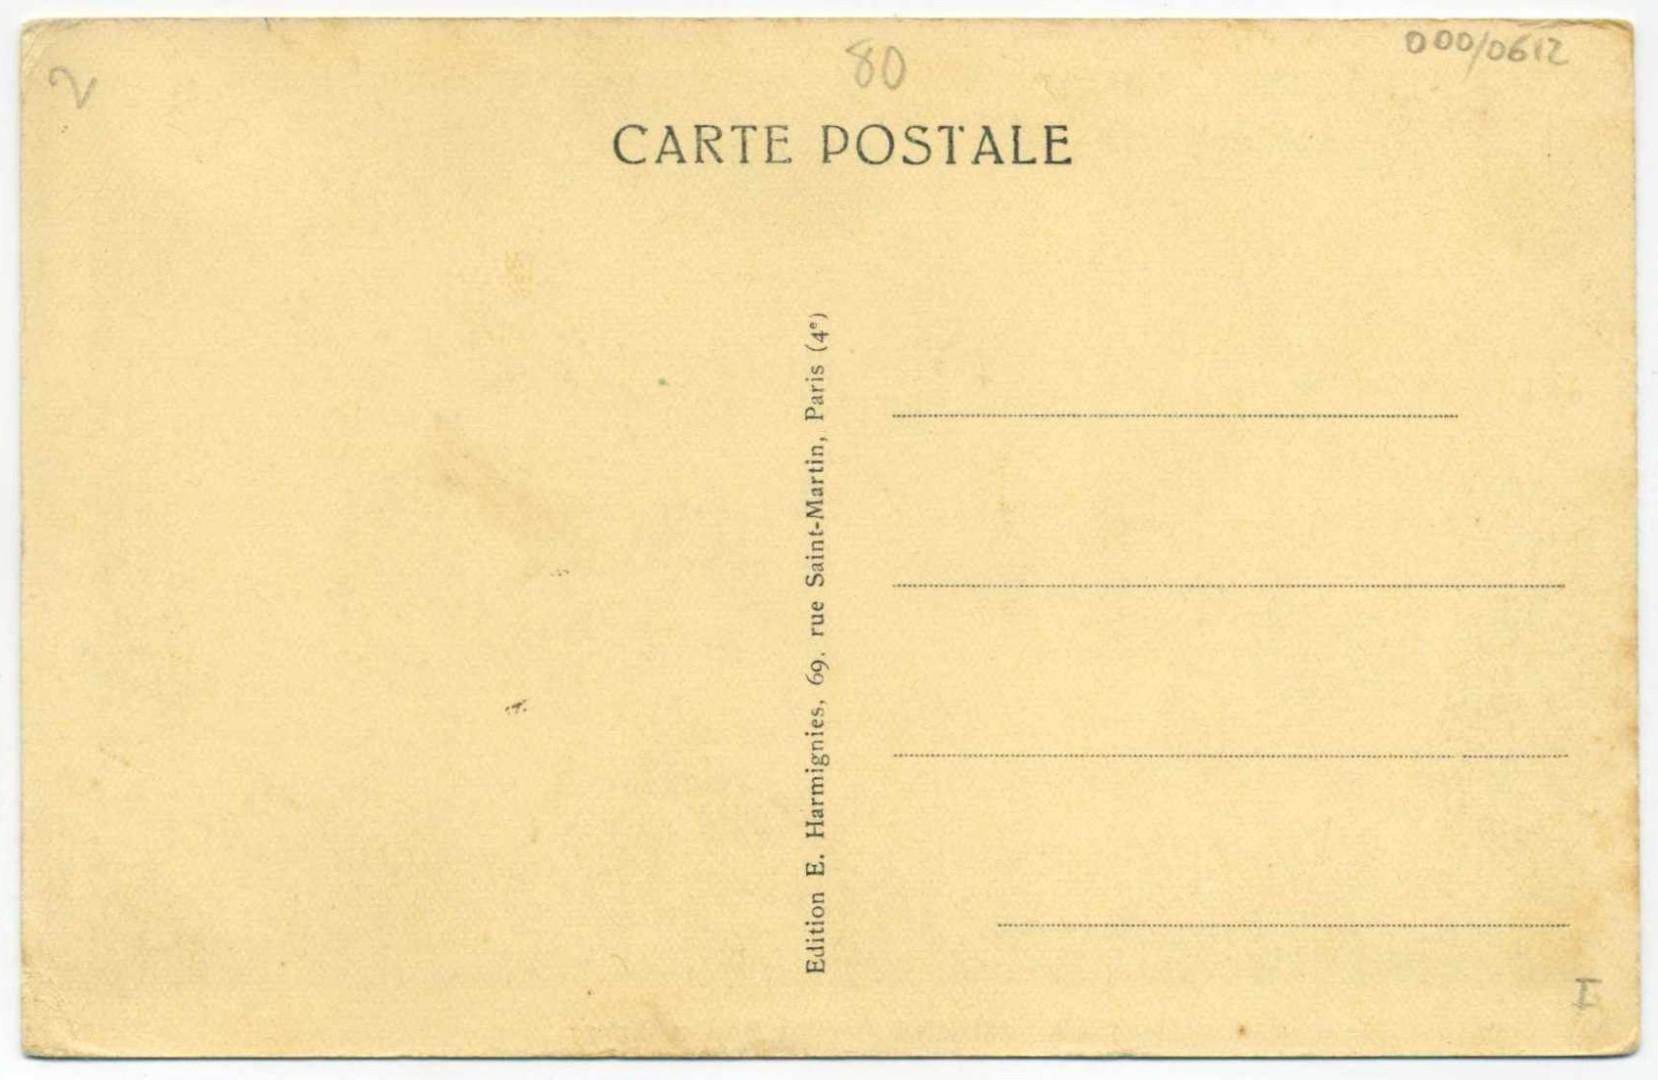 Amiens Bibliotheque Louis Aragon r